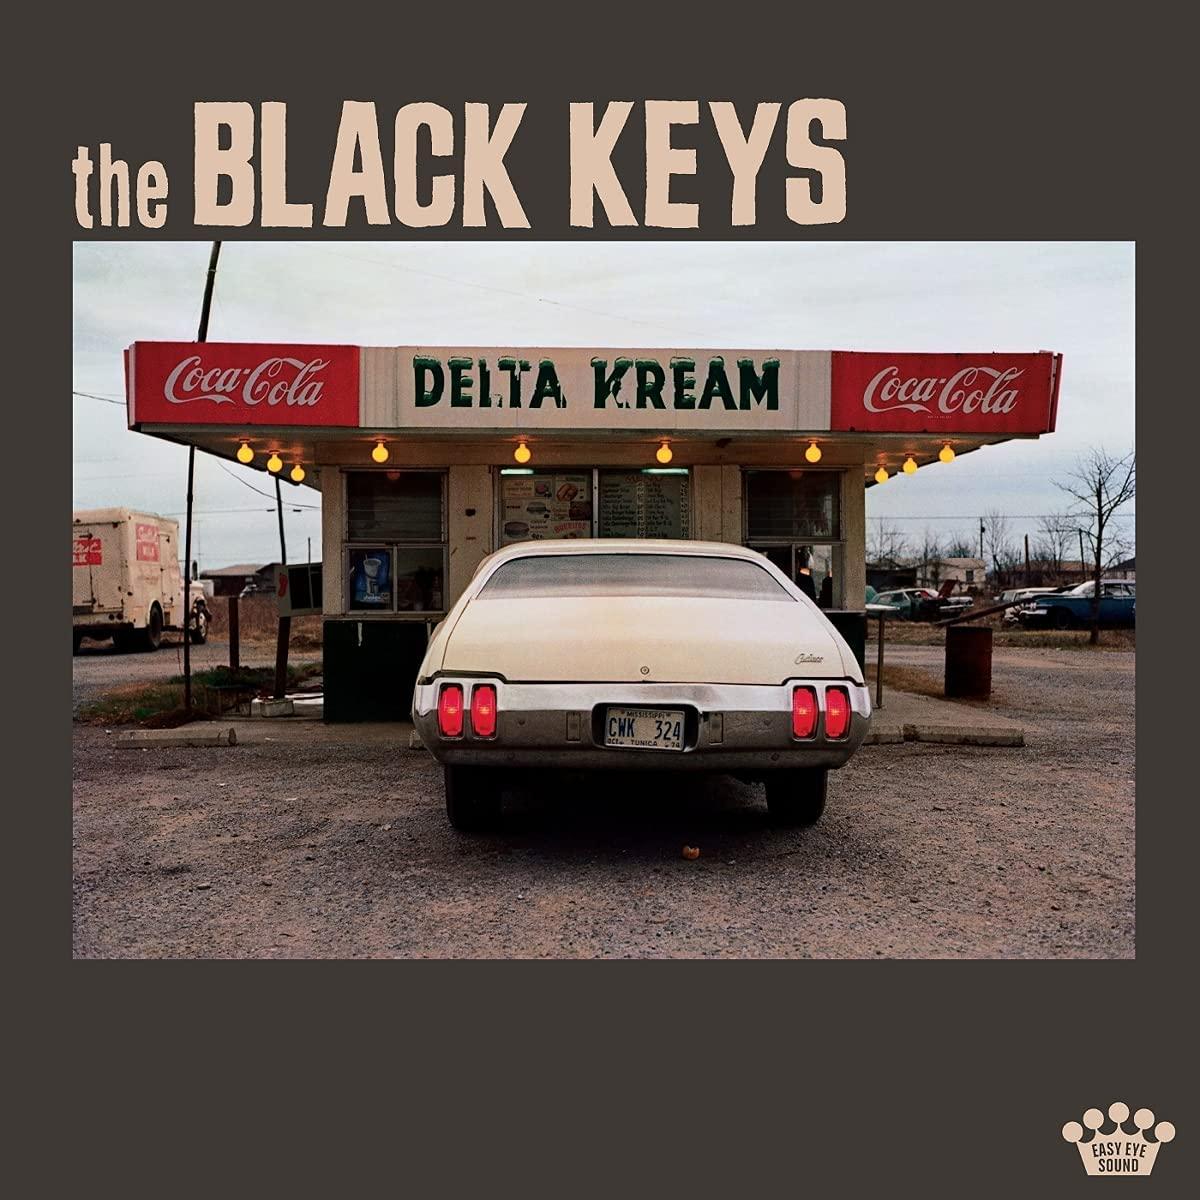 Capa do CD Delta Kream. Apresenta o título da banda The Black Keys acima. Em uma fotografia quadrada, há um carro branco estacionado no centro, em frente a uma loja chamada Delta Kream, que possui dois símbolos da Coca-Cola ao lado do nome. O chão é de terra batida.